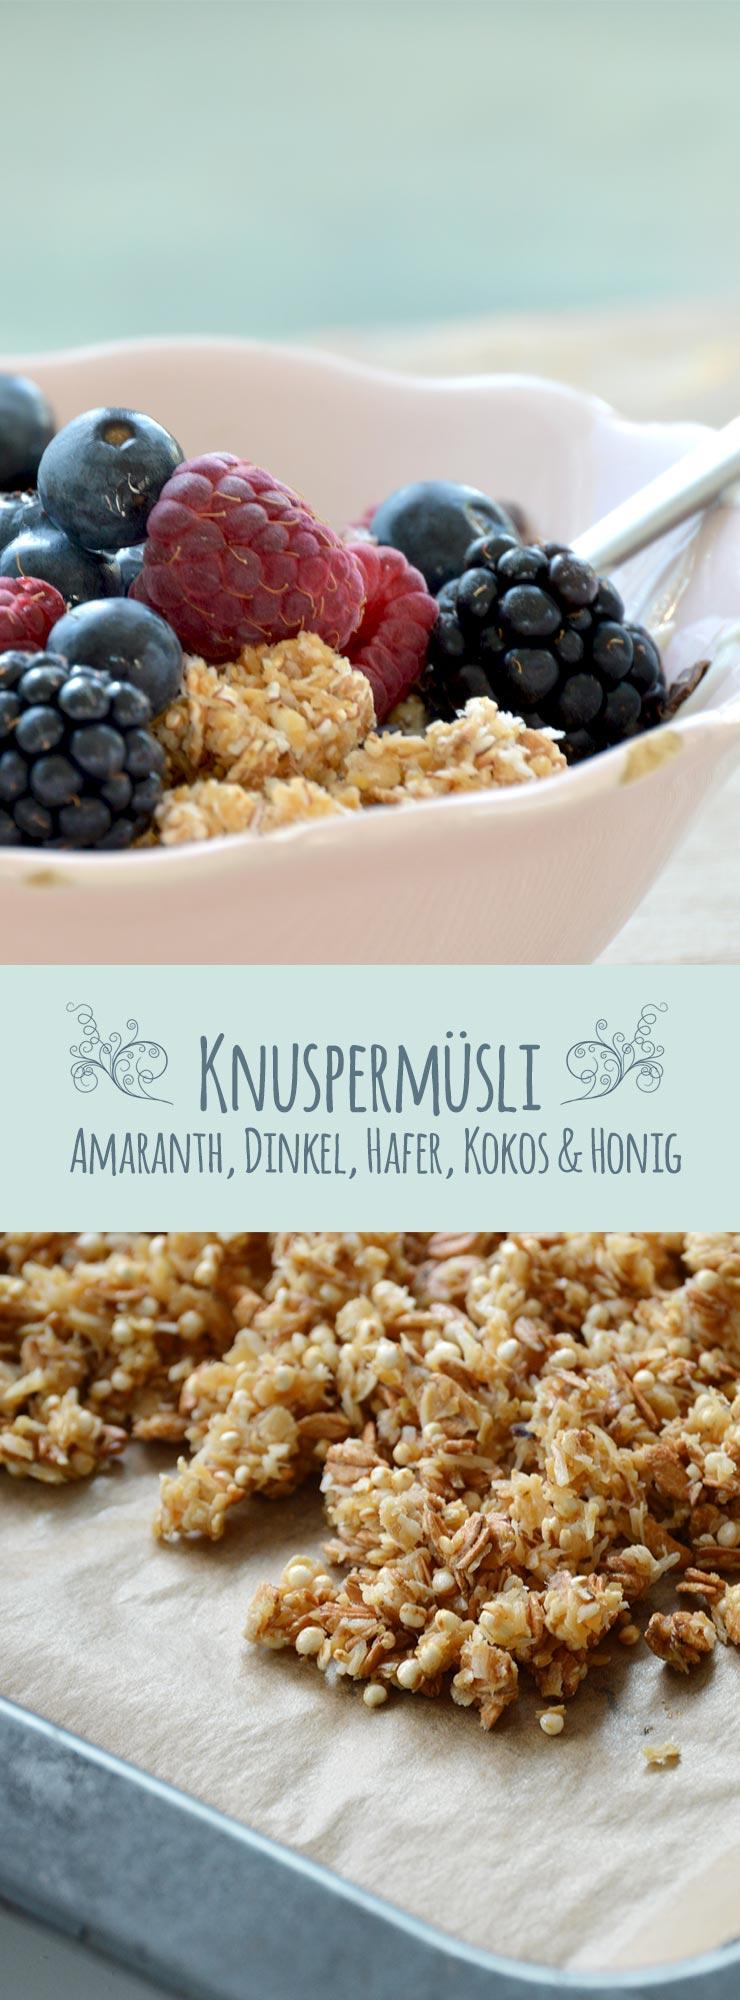 Knuspermüsli mit Amaranth, Kokos-, Dinkel und Haferflocken & Honig